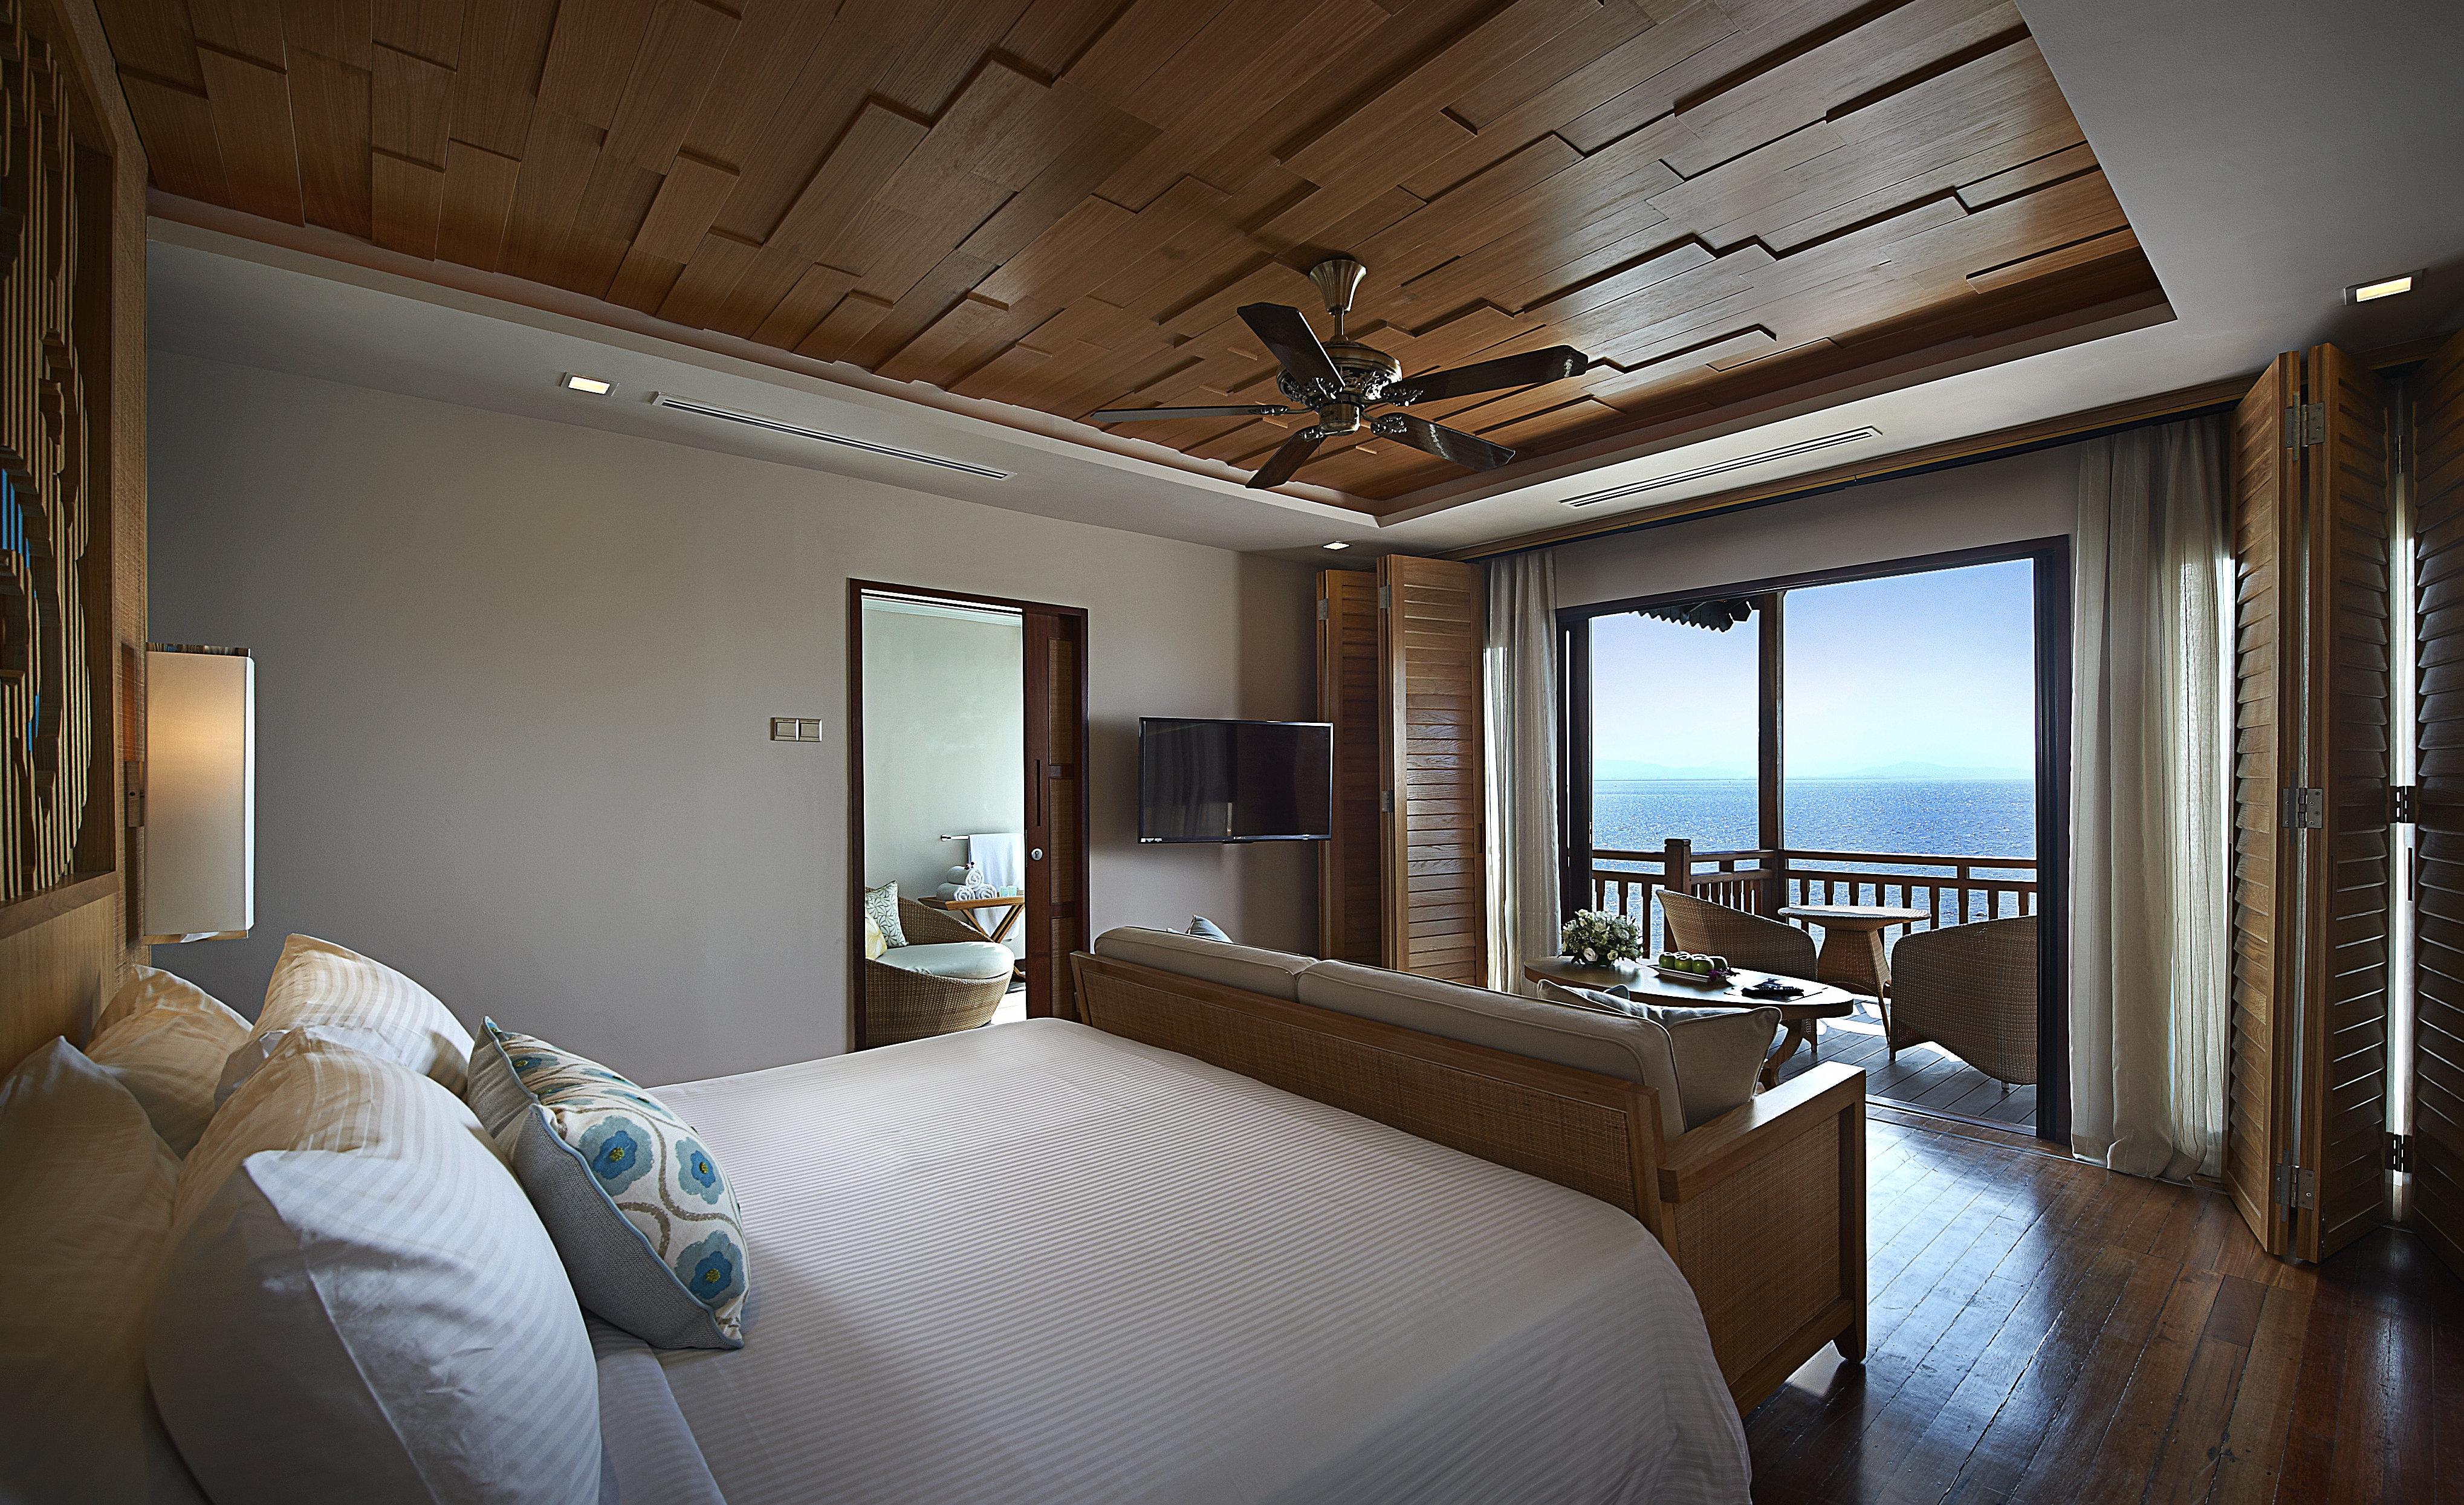 Berjaya-Langkawi-Resort-Premier Suite On Water - Room Interior Seaview